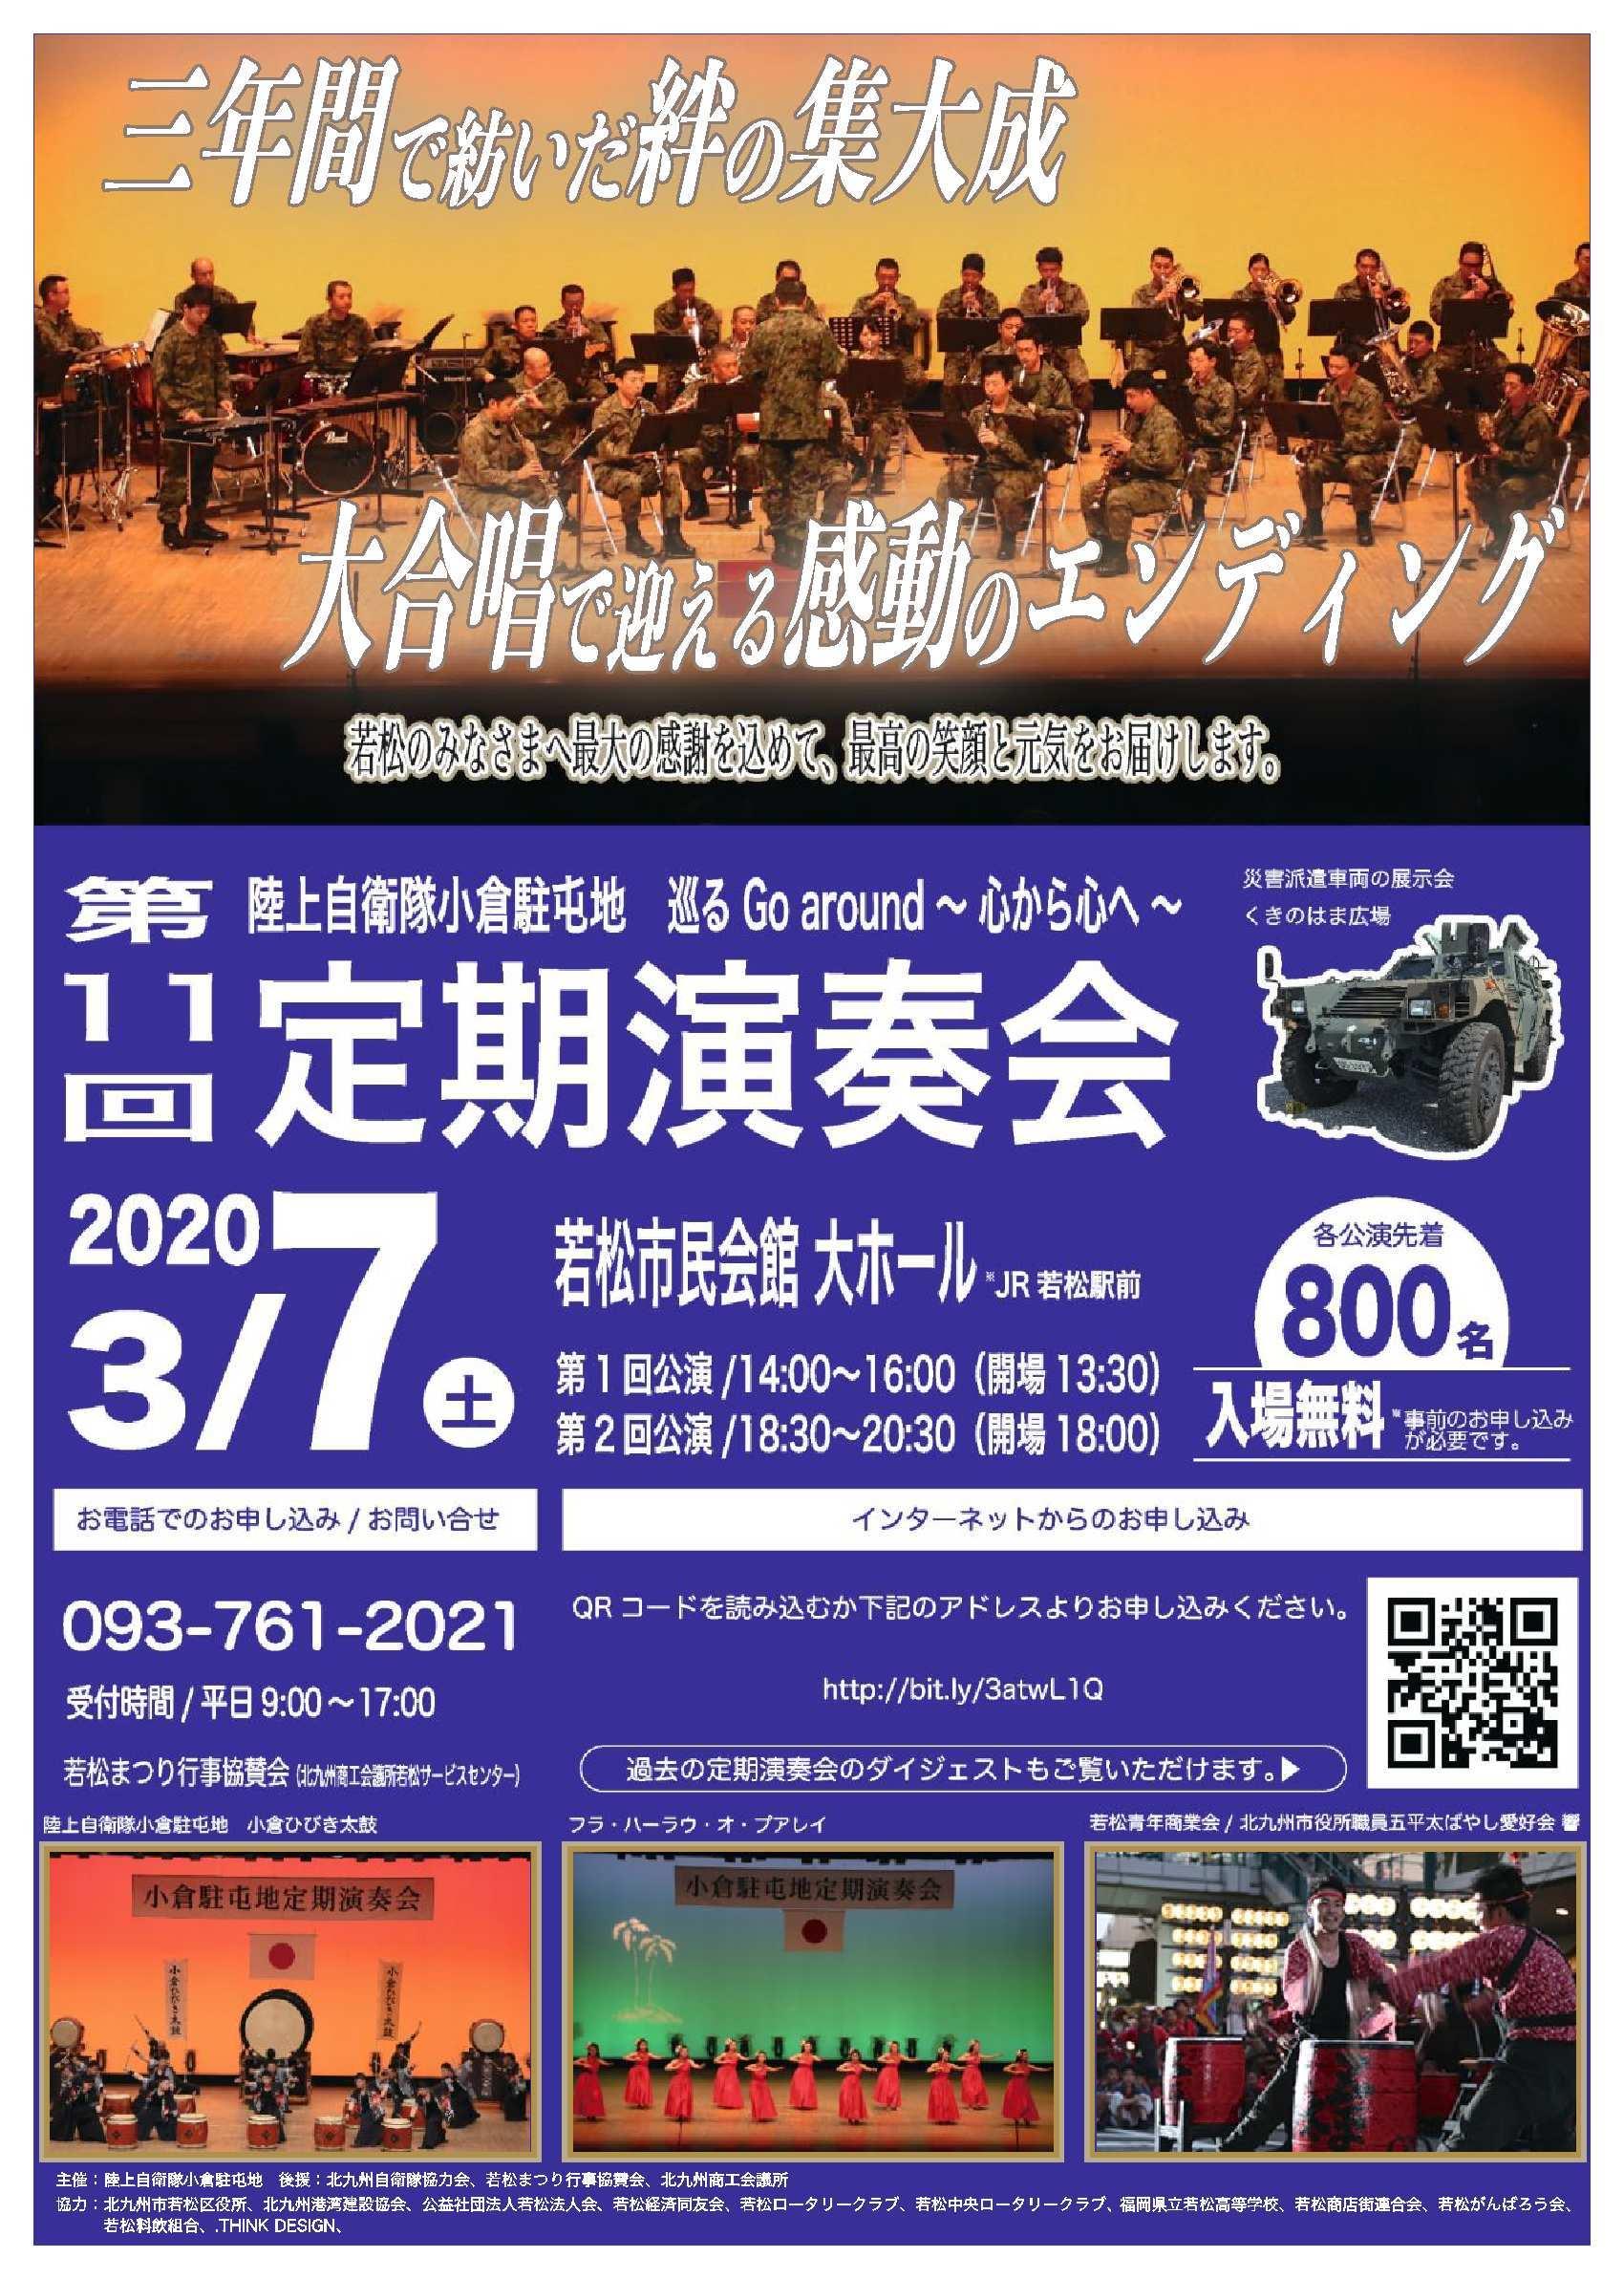 演奏会のお知らせ_e0198627_10453886.jpg